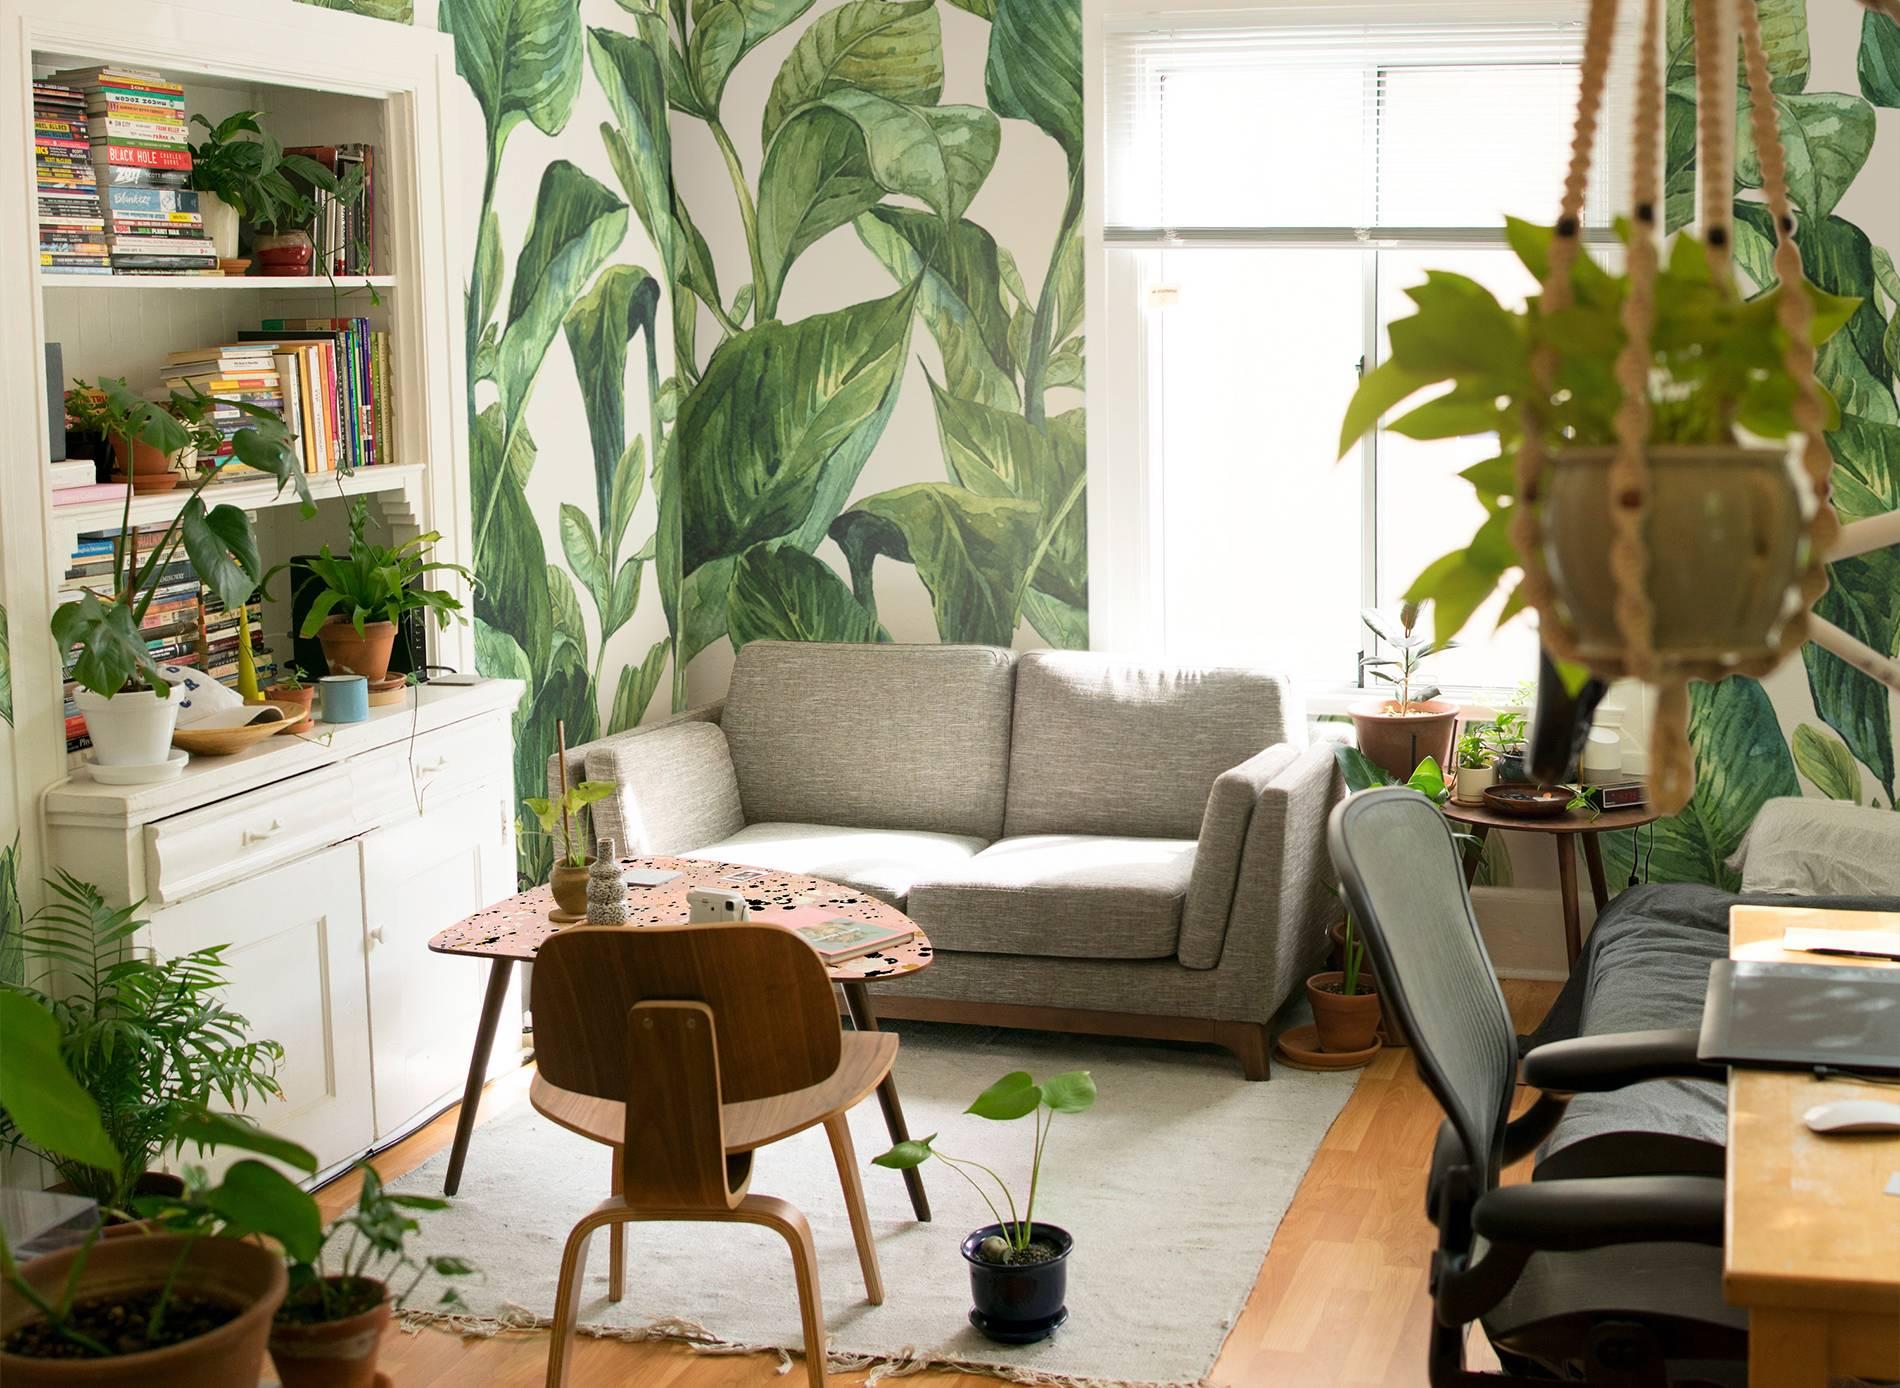 wohnzimmer in gr n wohnzimmer modern fototapeten natur pixers wir leben um zu. Black Bedroom Furniture Sets. Home Design Ideas